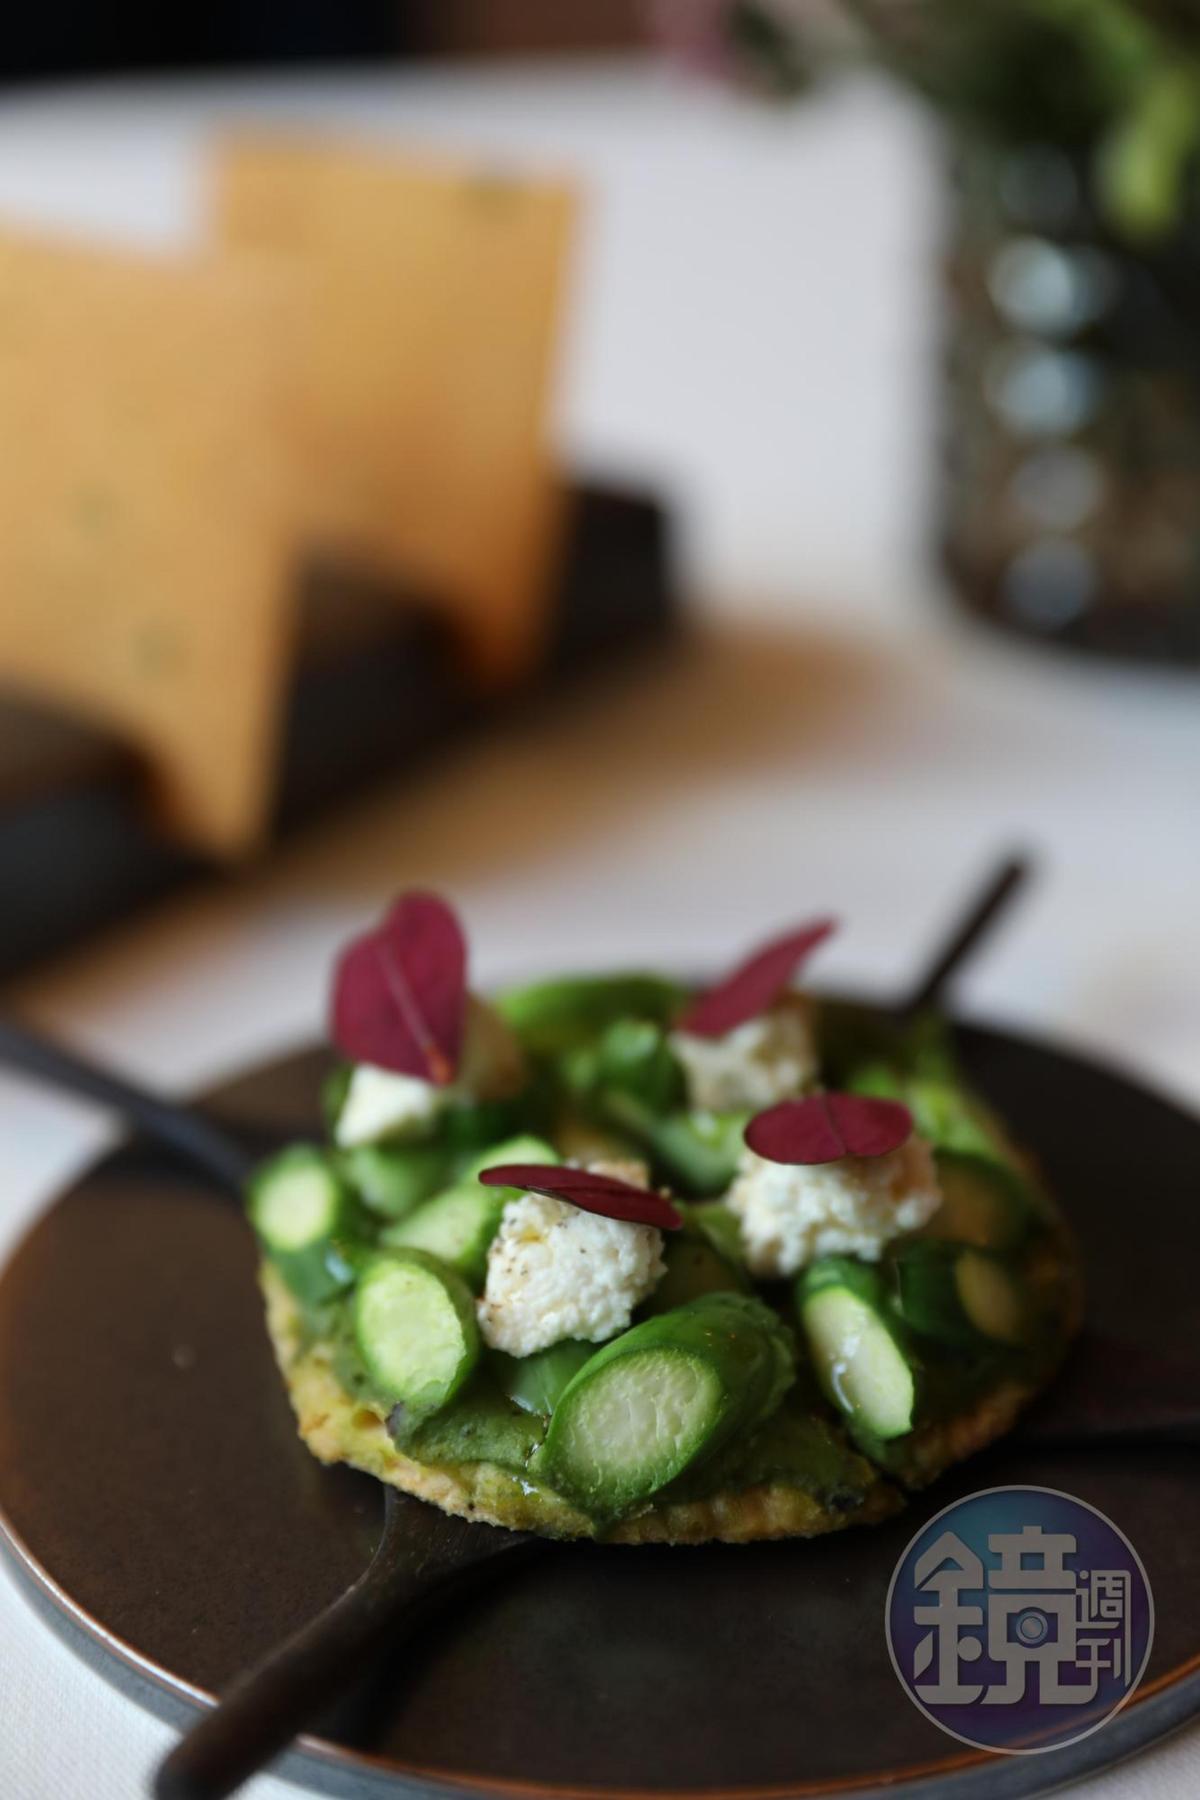 當令的蘆筍與起司構成美味的開胃小點。(Tasting Menu菜色)